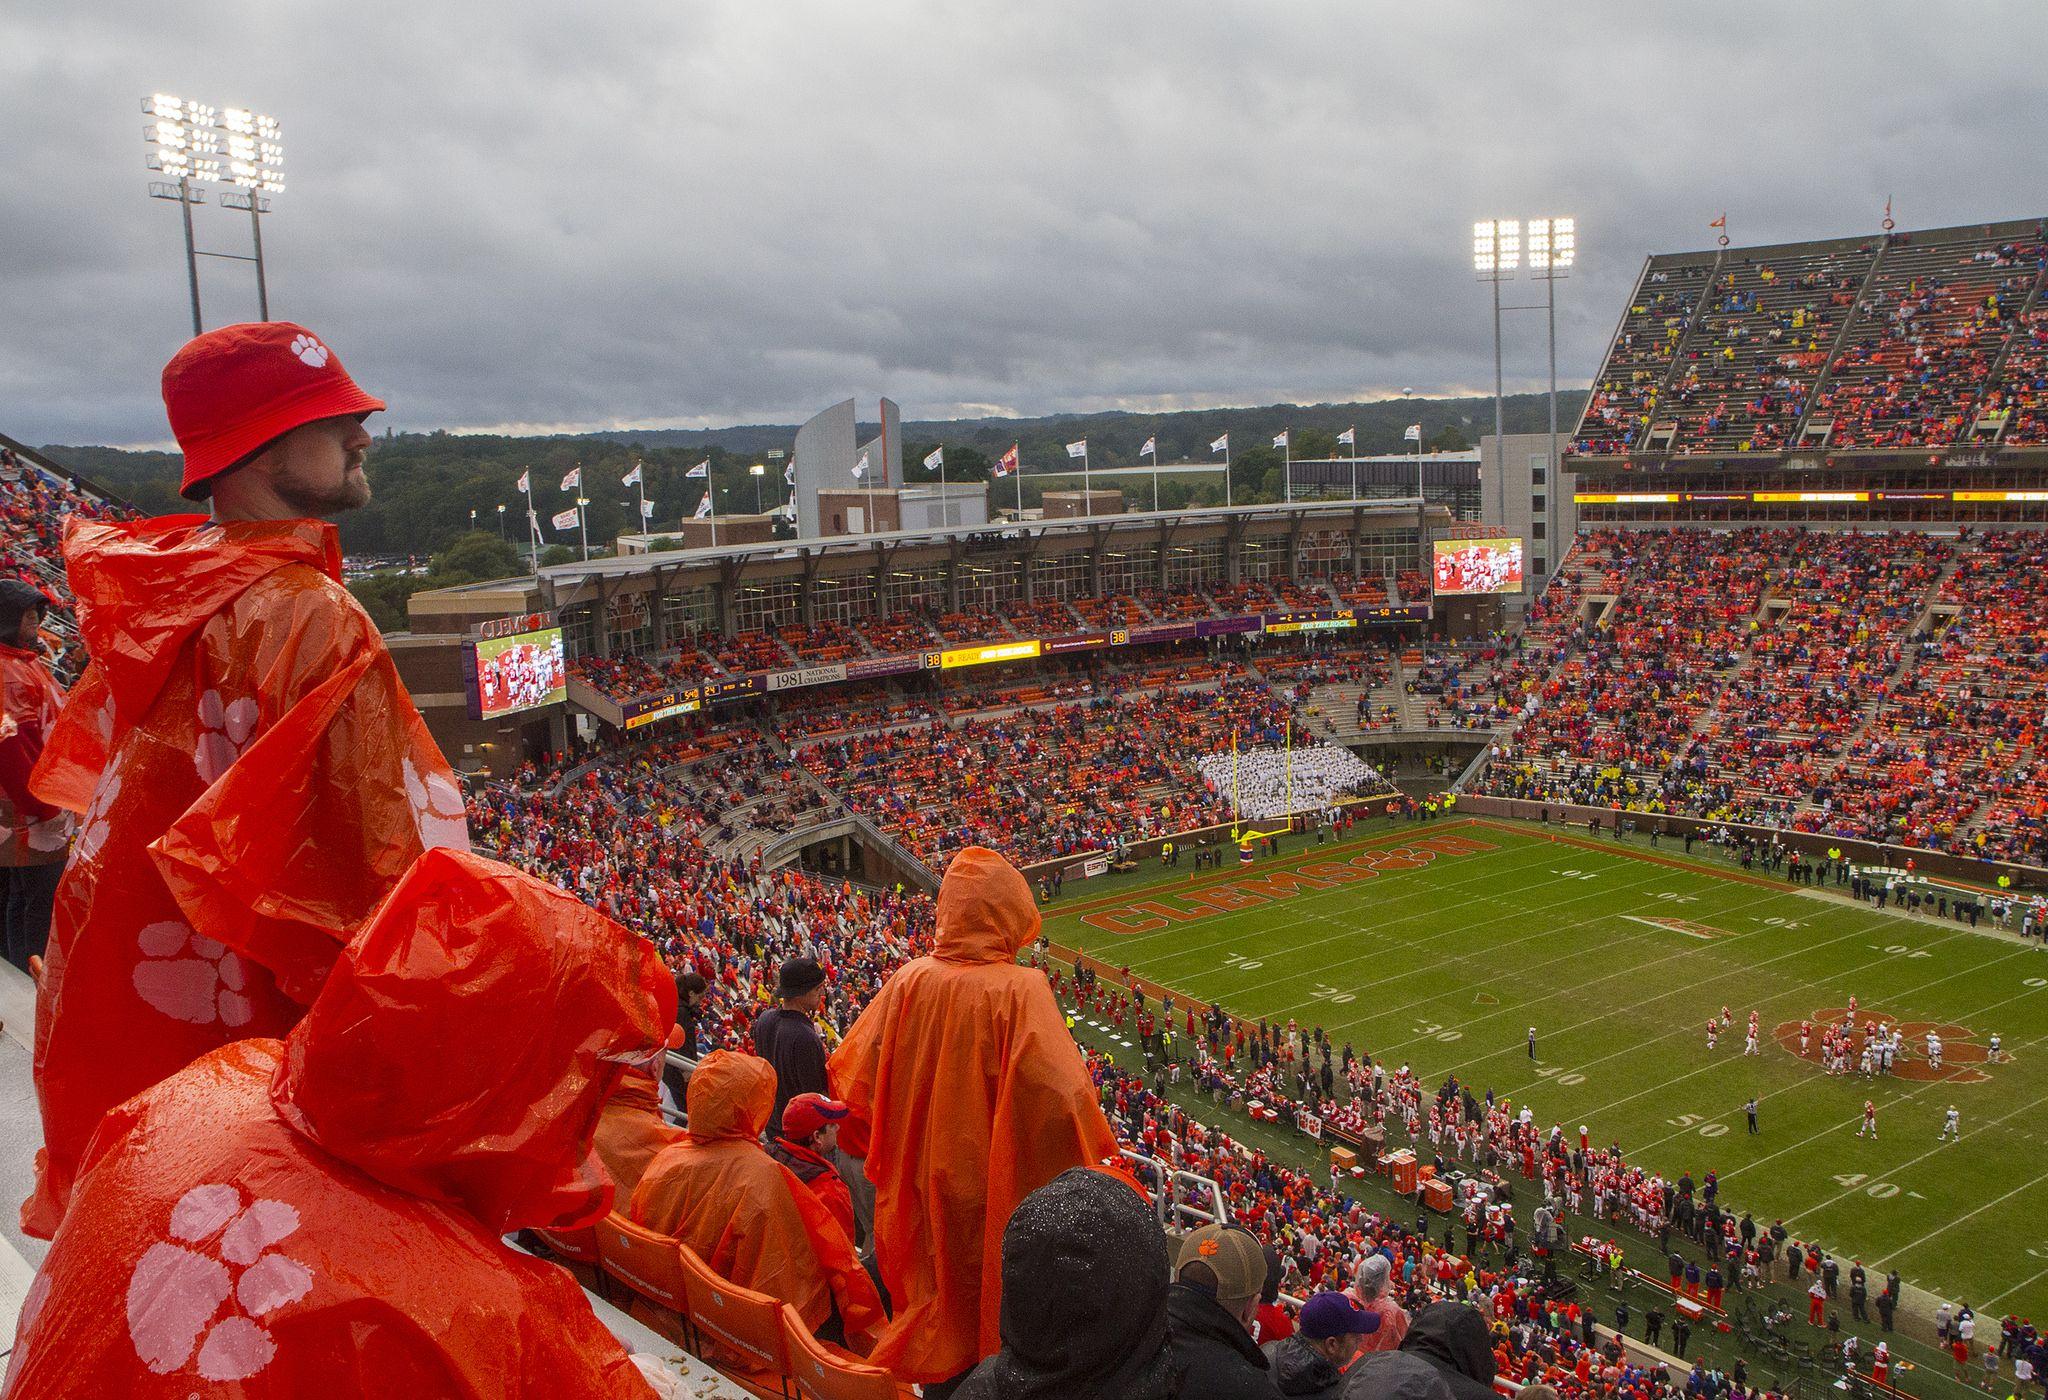 Memorial Stadium in the rain Clemson university tigers